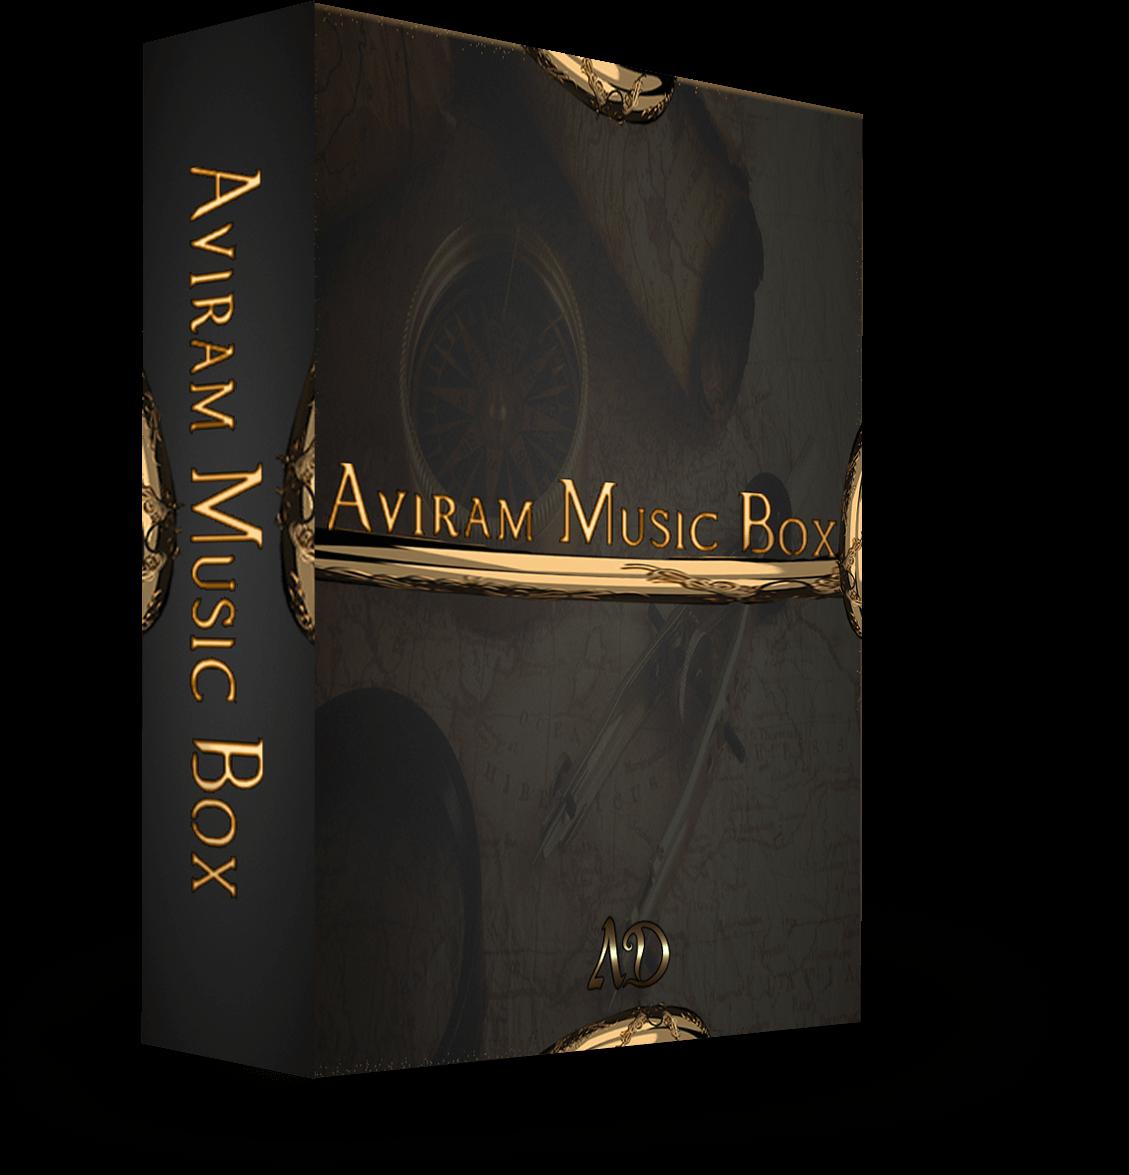 Aviram Music Box box normal (1)